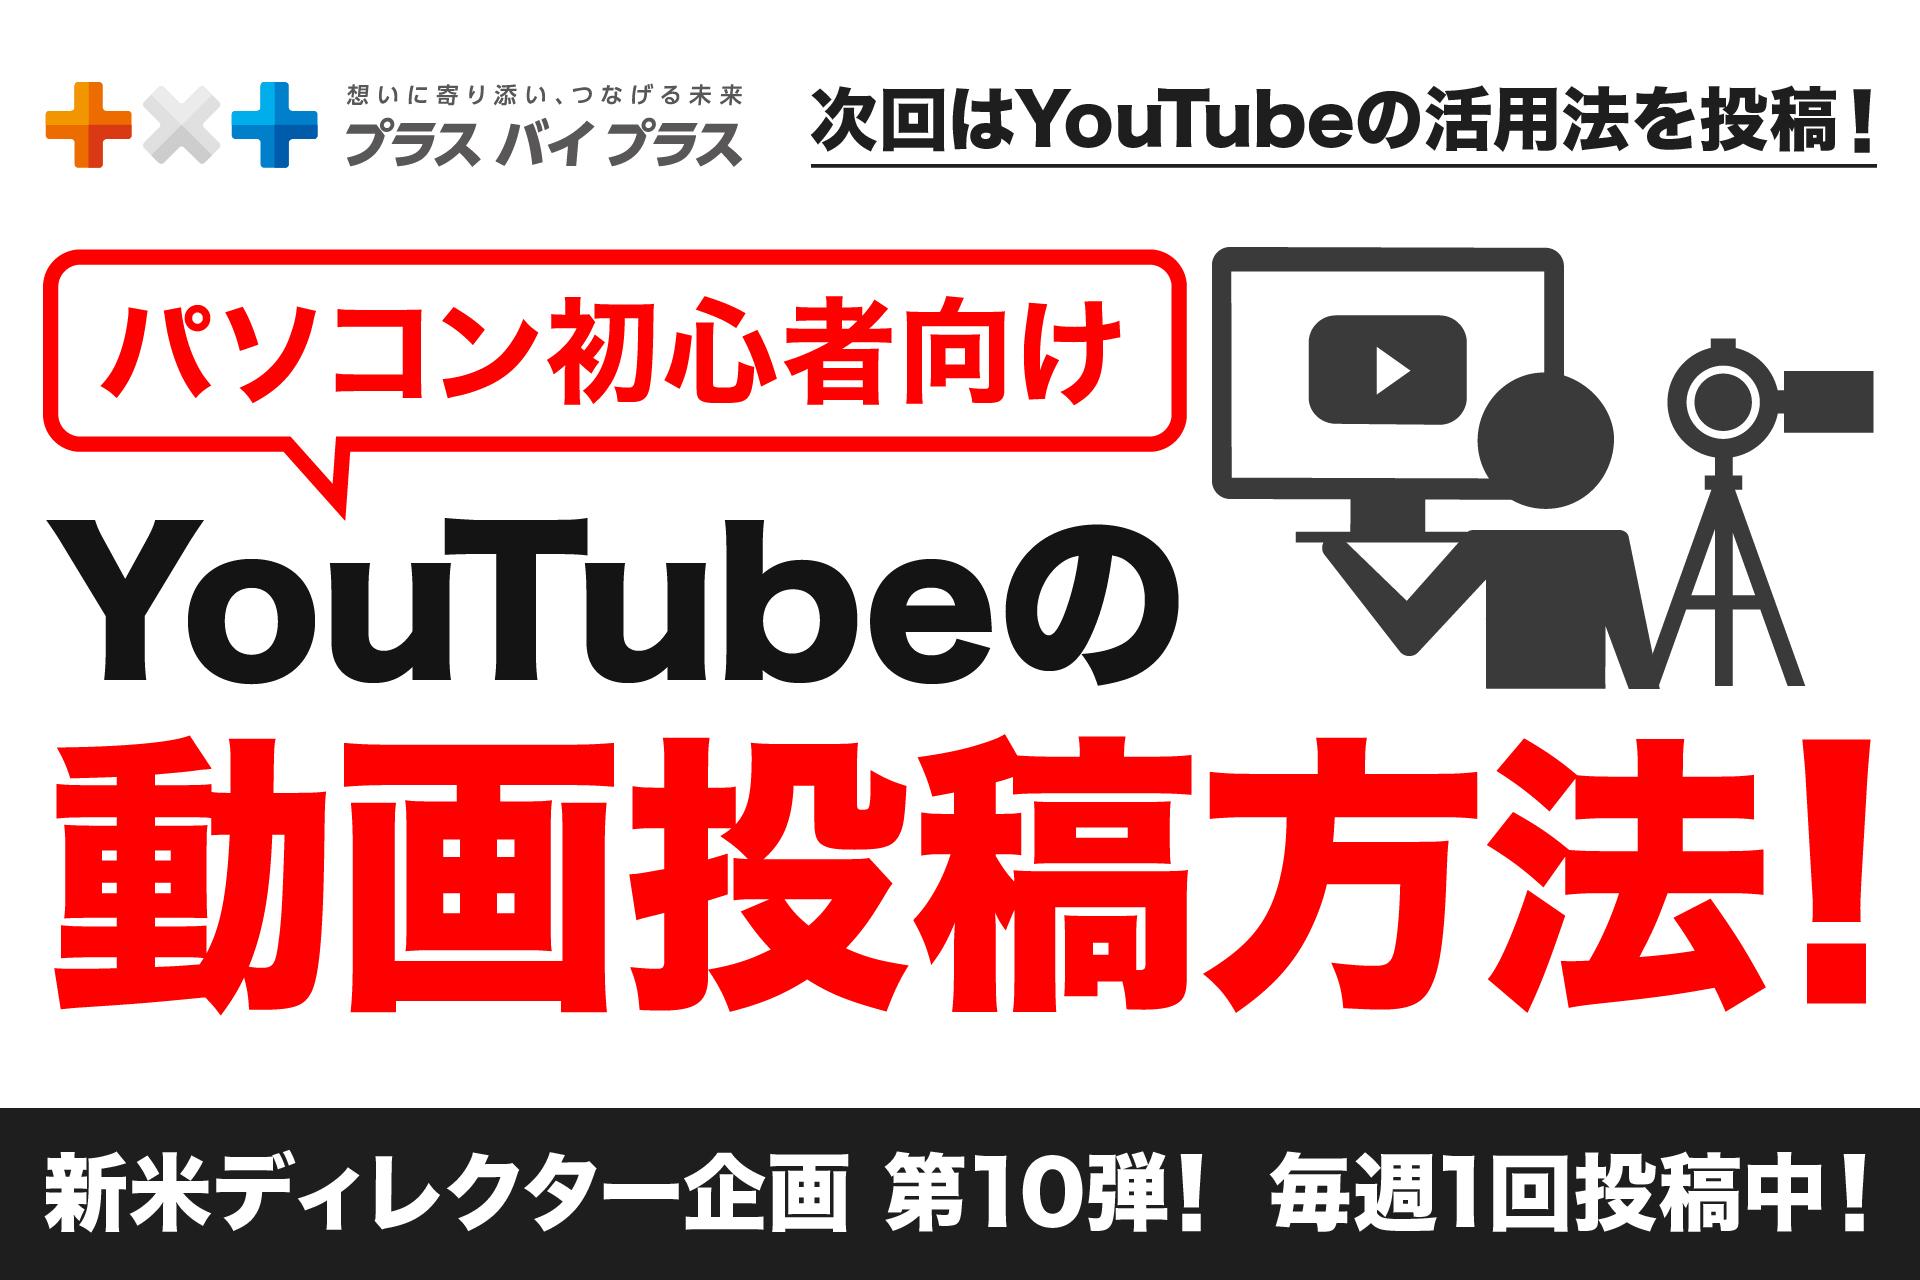 【初心者向け】Youtubeへの動画投稿方法を解説!